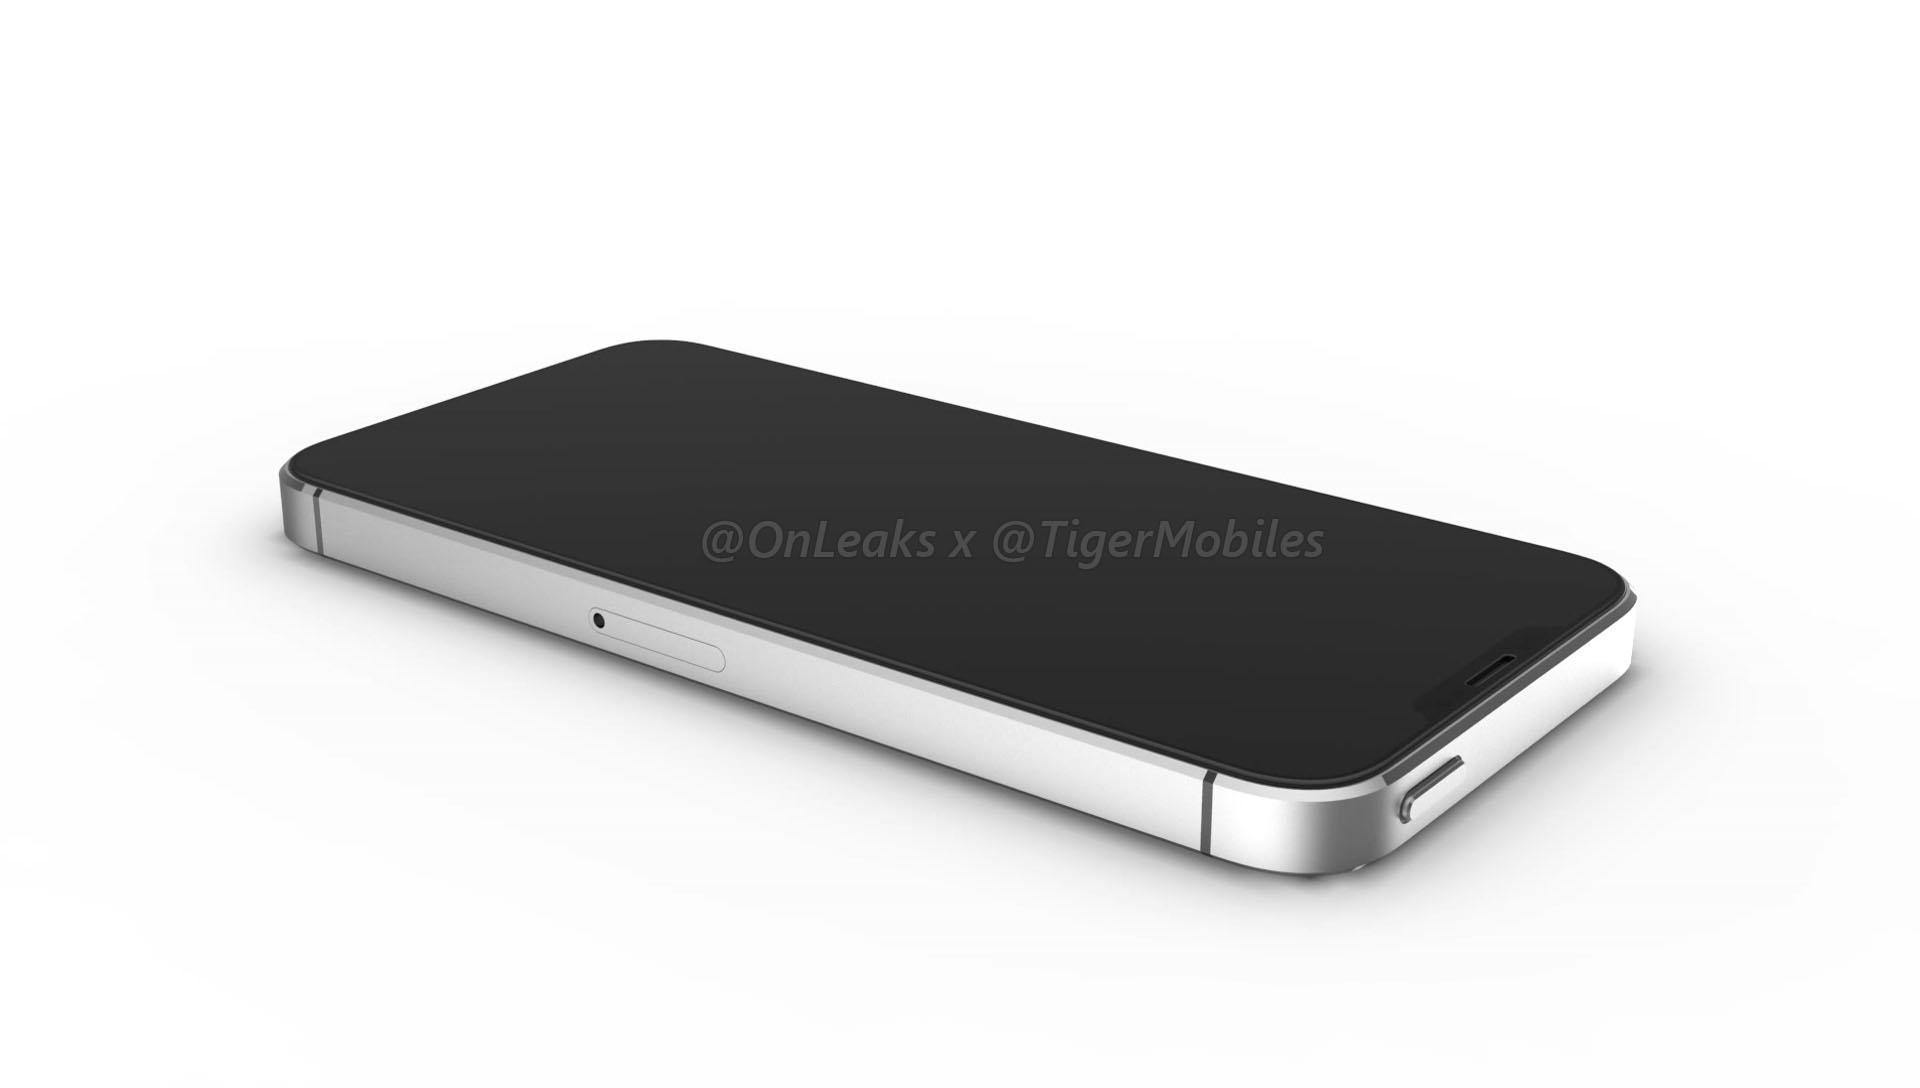 Hé lộ toàn bộ thiết kế truyền thống tuyệt đẹp của iPhone SE 2 qua bộ ảnh render mới rò rỉ